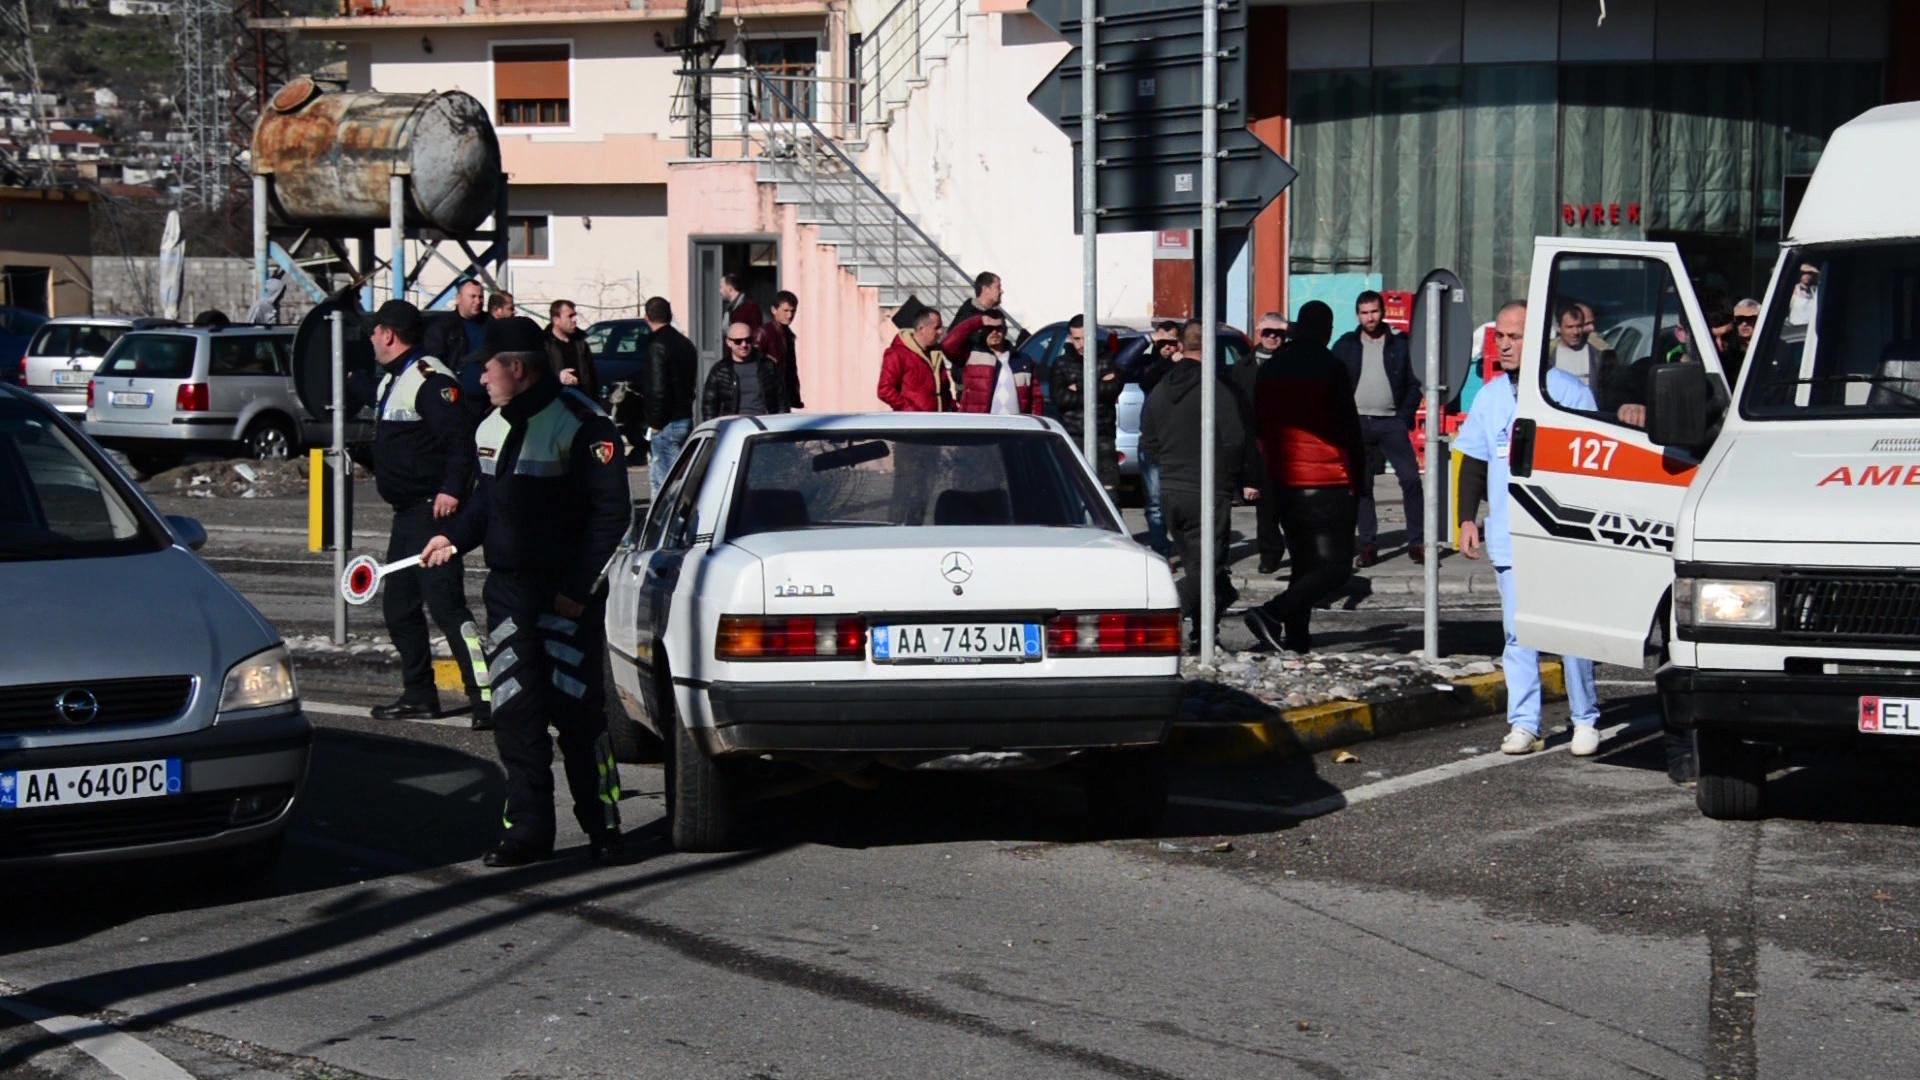 Aksidentoi me vdekje një grua dhe plagosi 4 të tjere, arrestohet shoferi